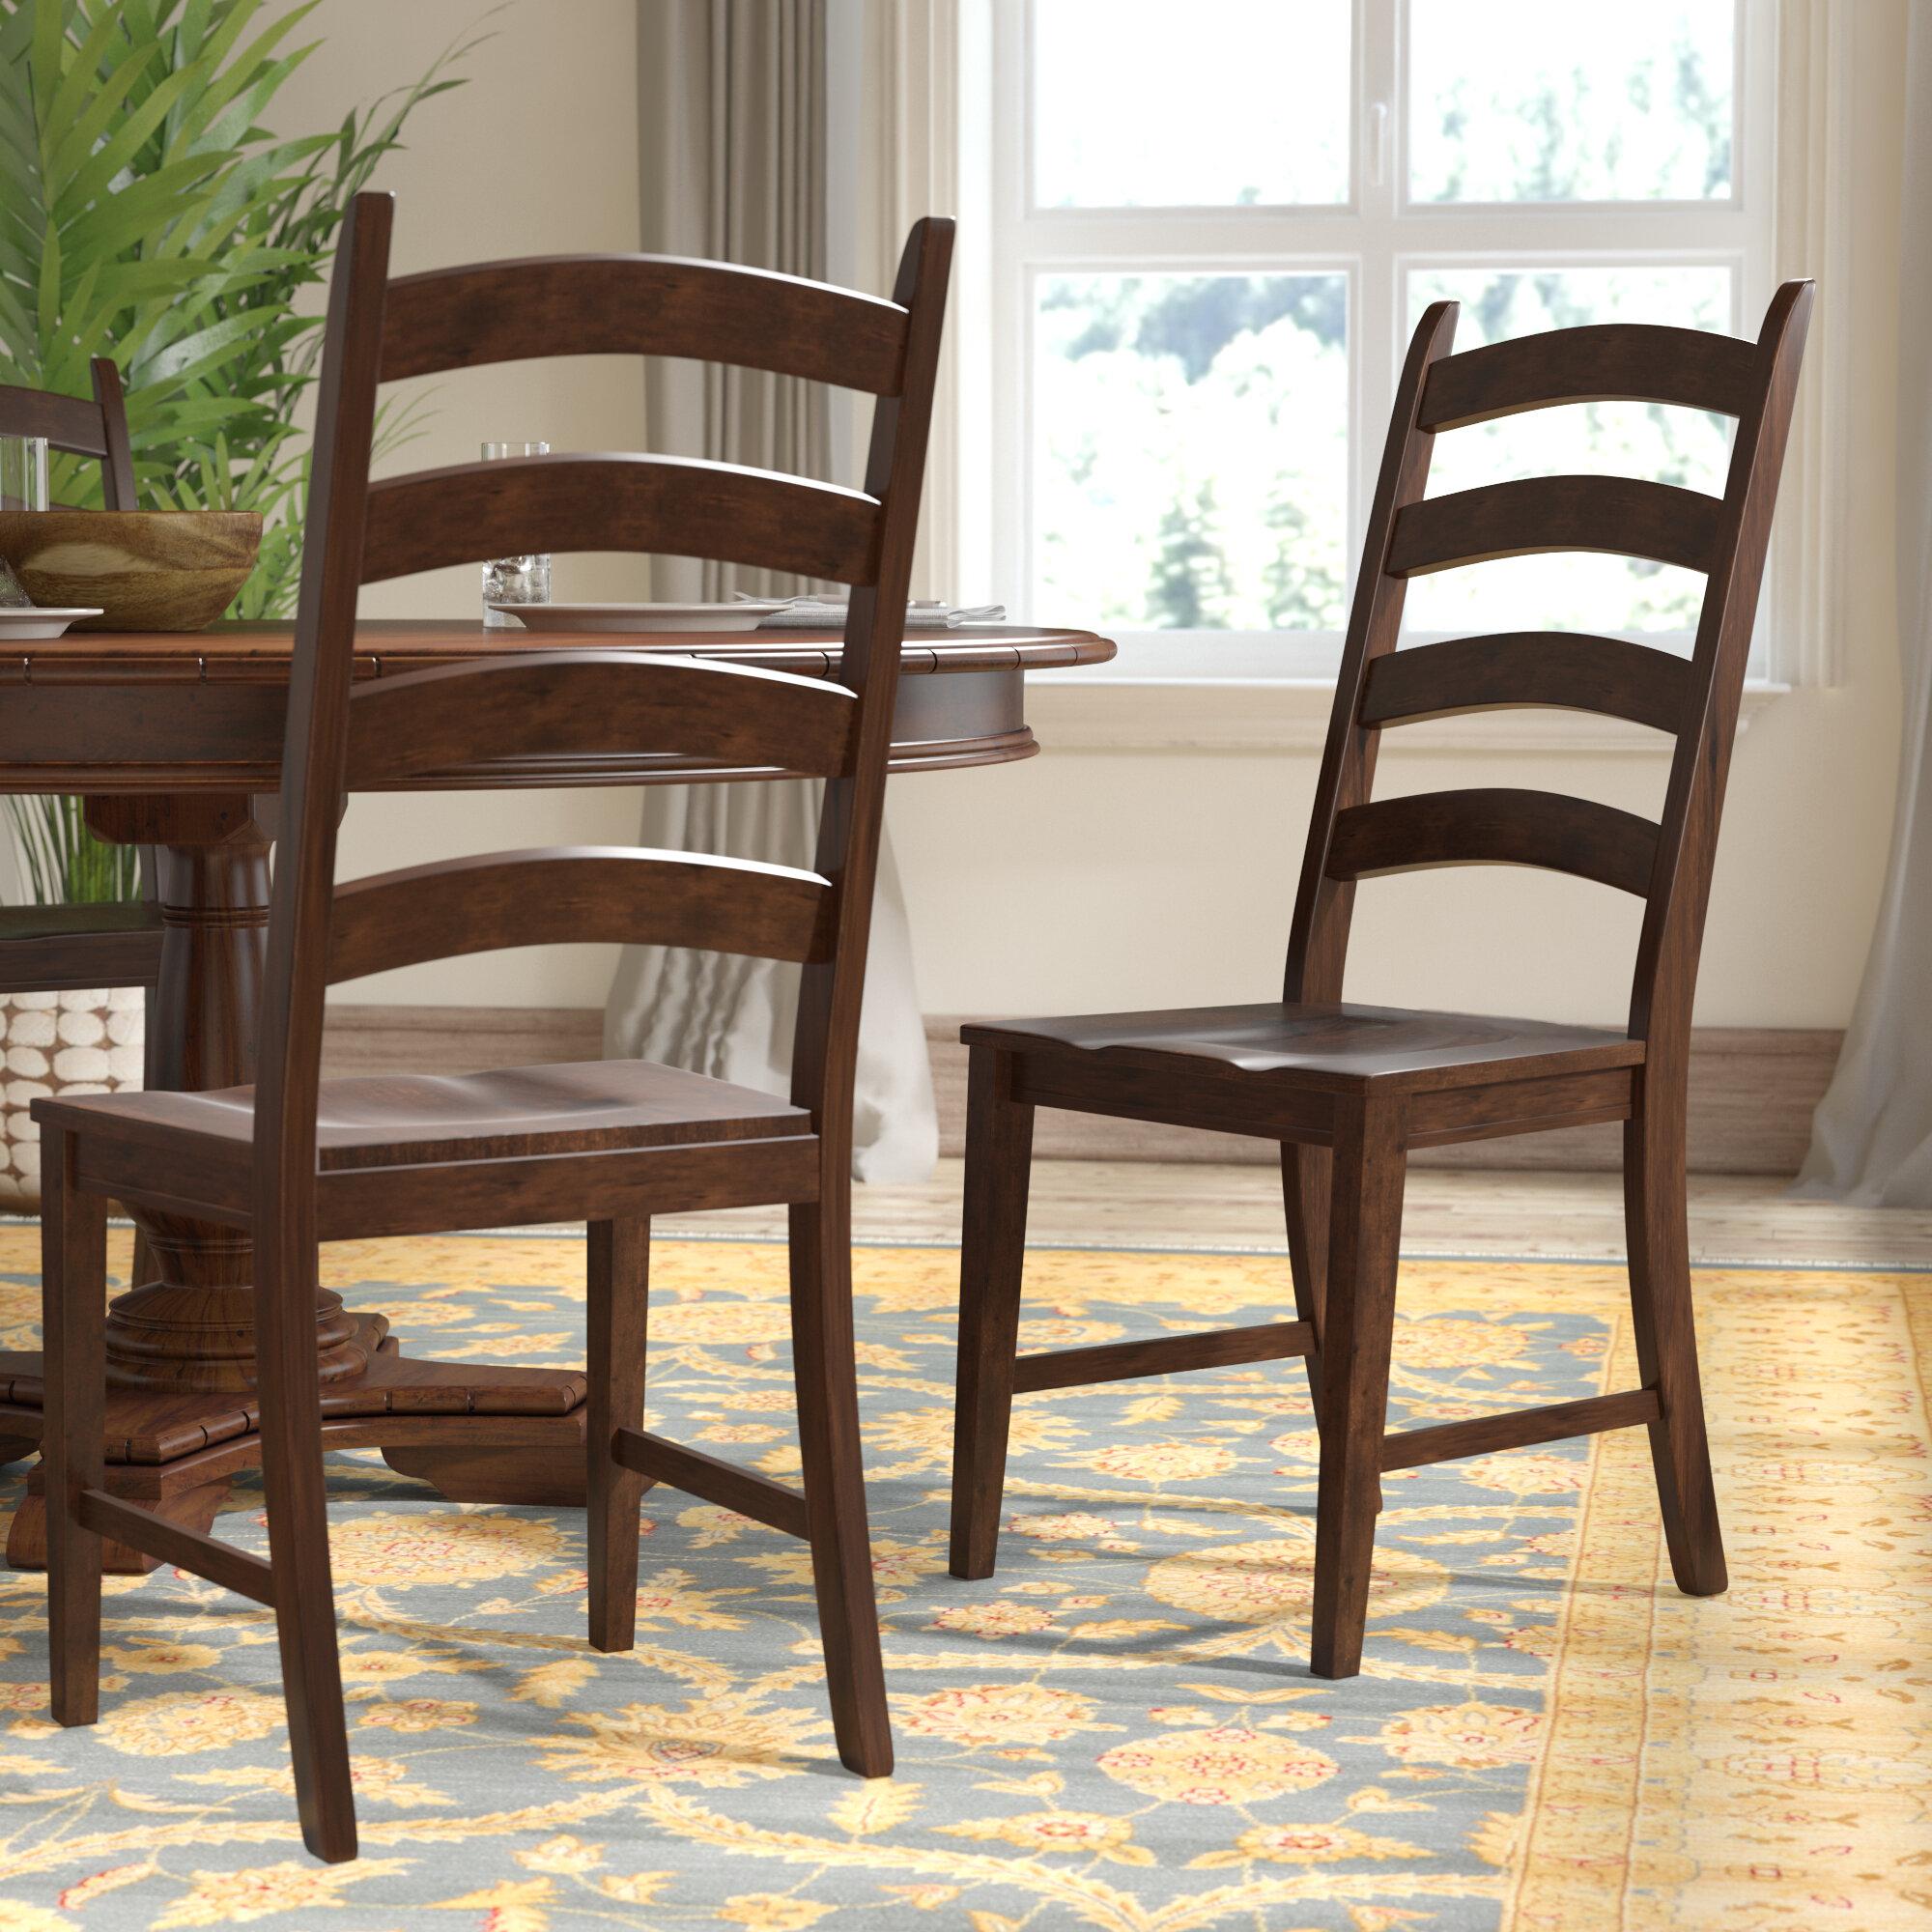 https://secure.img1-fg.wfcdn.com/im/35344504/compr-r85/4684/46847090/birchley-ladderback-solid-wood-dining-chair.jpg